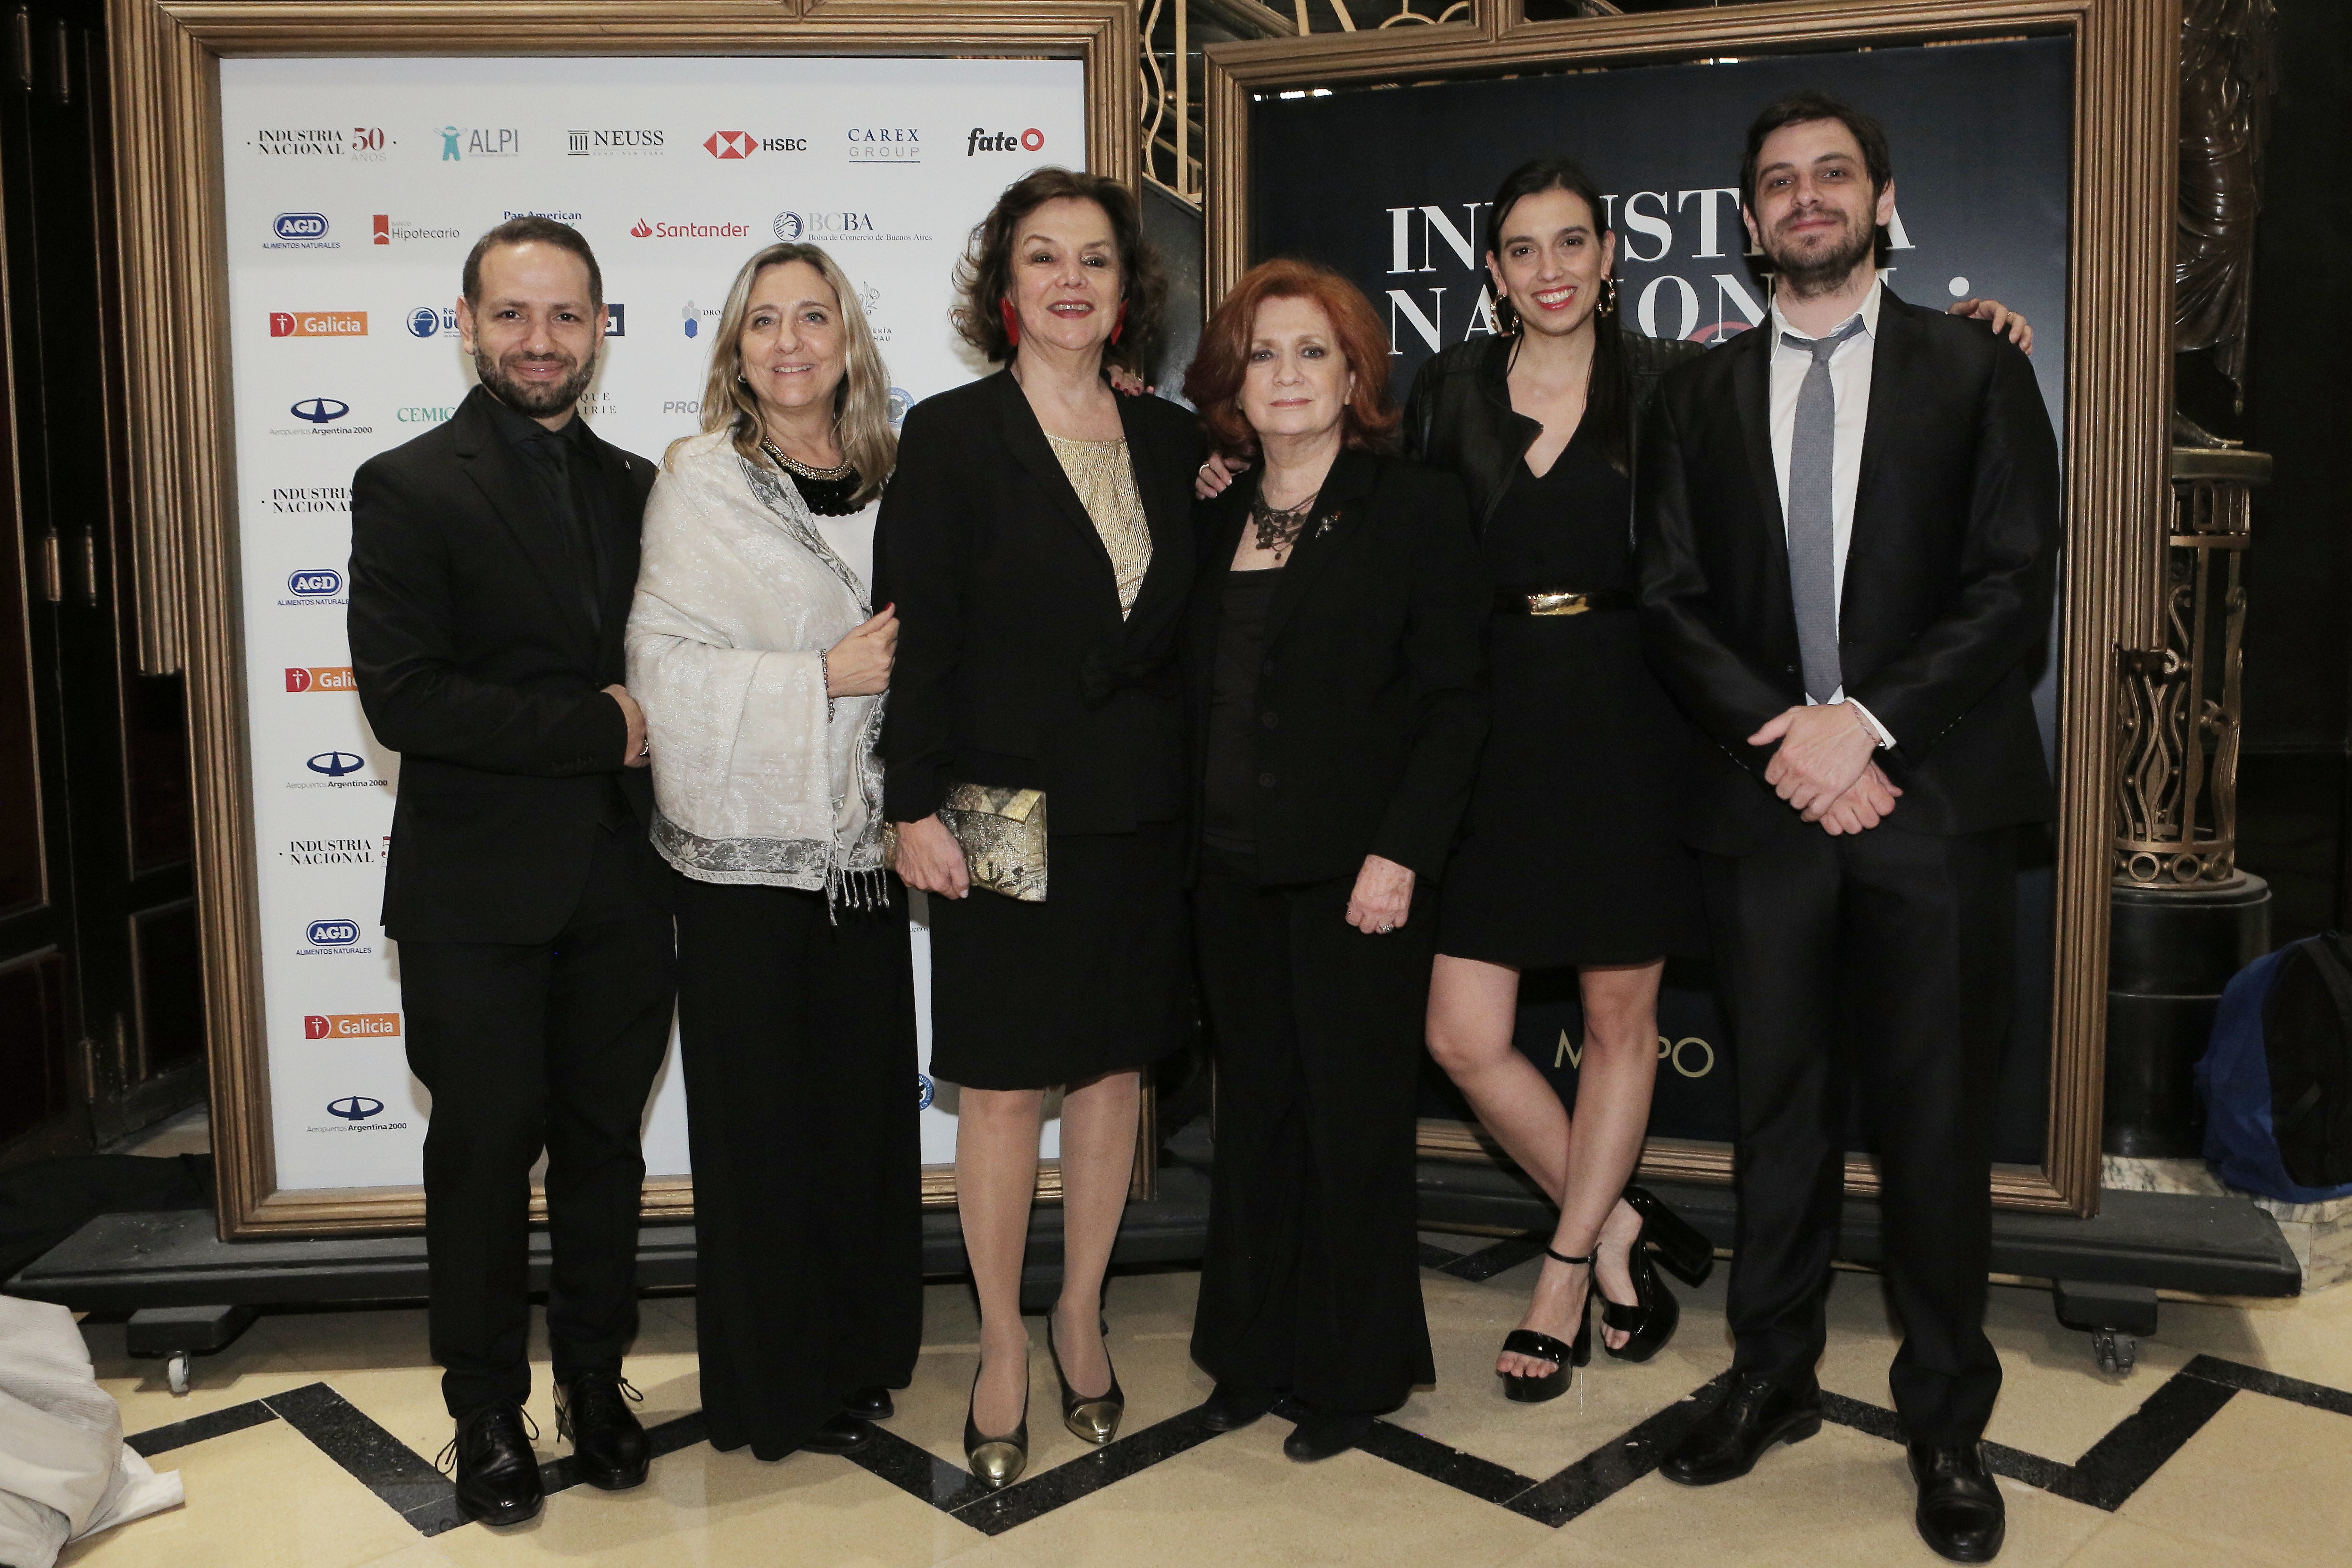 Teresa González Fernández y Amelita Silveyra Reyes junto al equipo de Prensa y Comunicación de ALPI /// Fotos: Gentileza ALPI